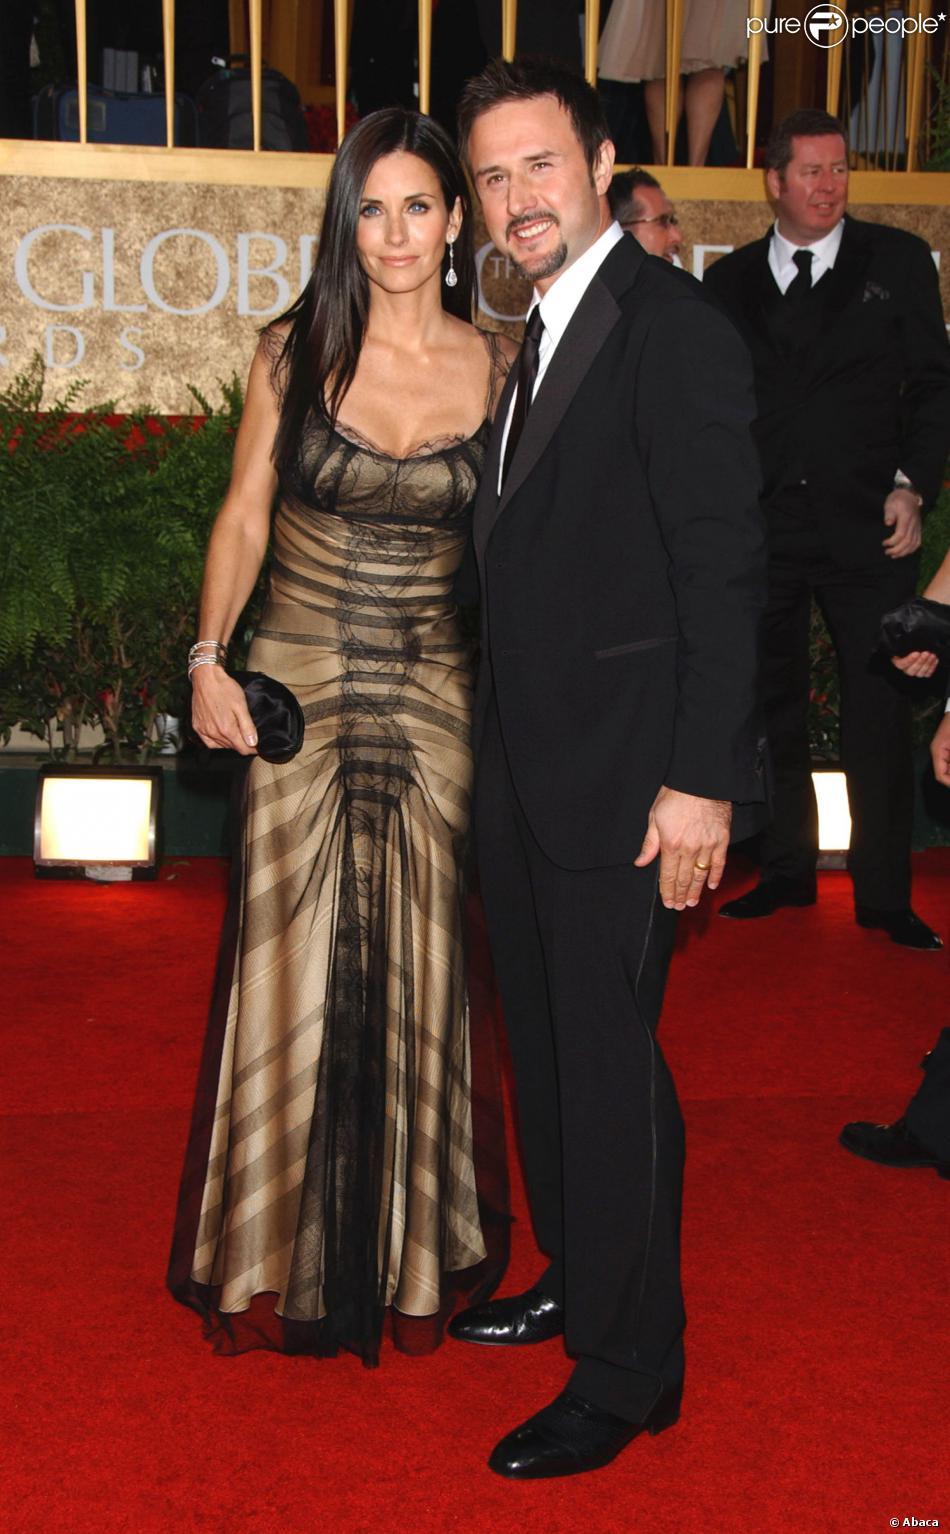 Courteney Cox et David Arquette aux Golden Globes à Los Angeles, le 15 janvier 2013.